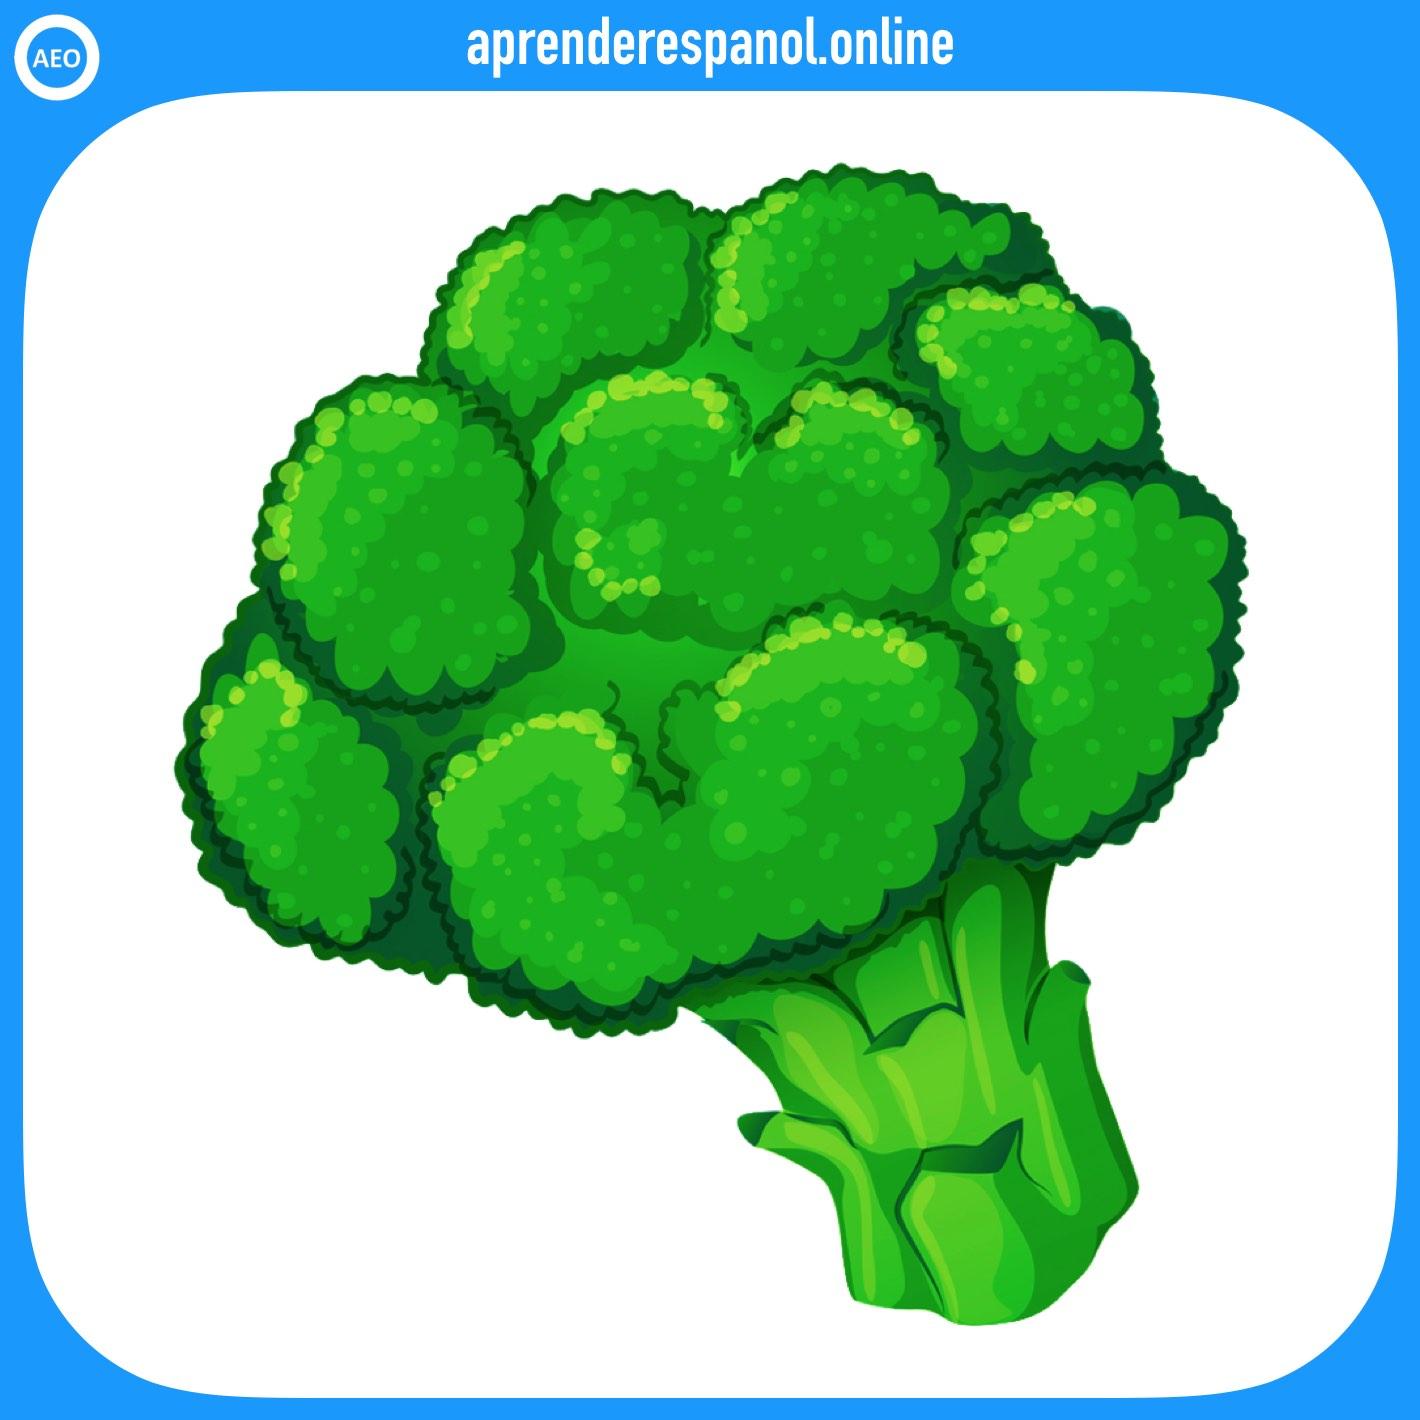 brócoli | verduras en español | vocabulario de las verduras en español